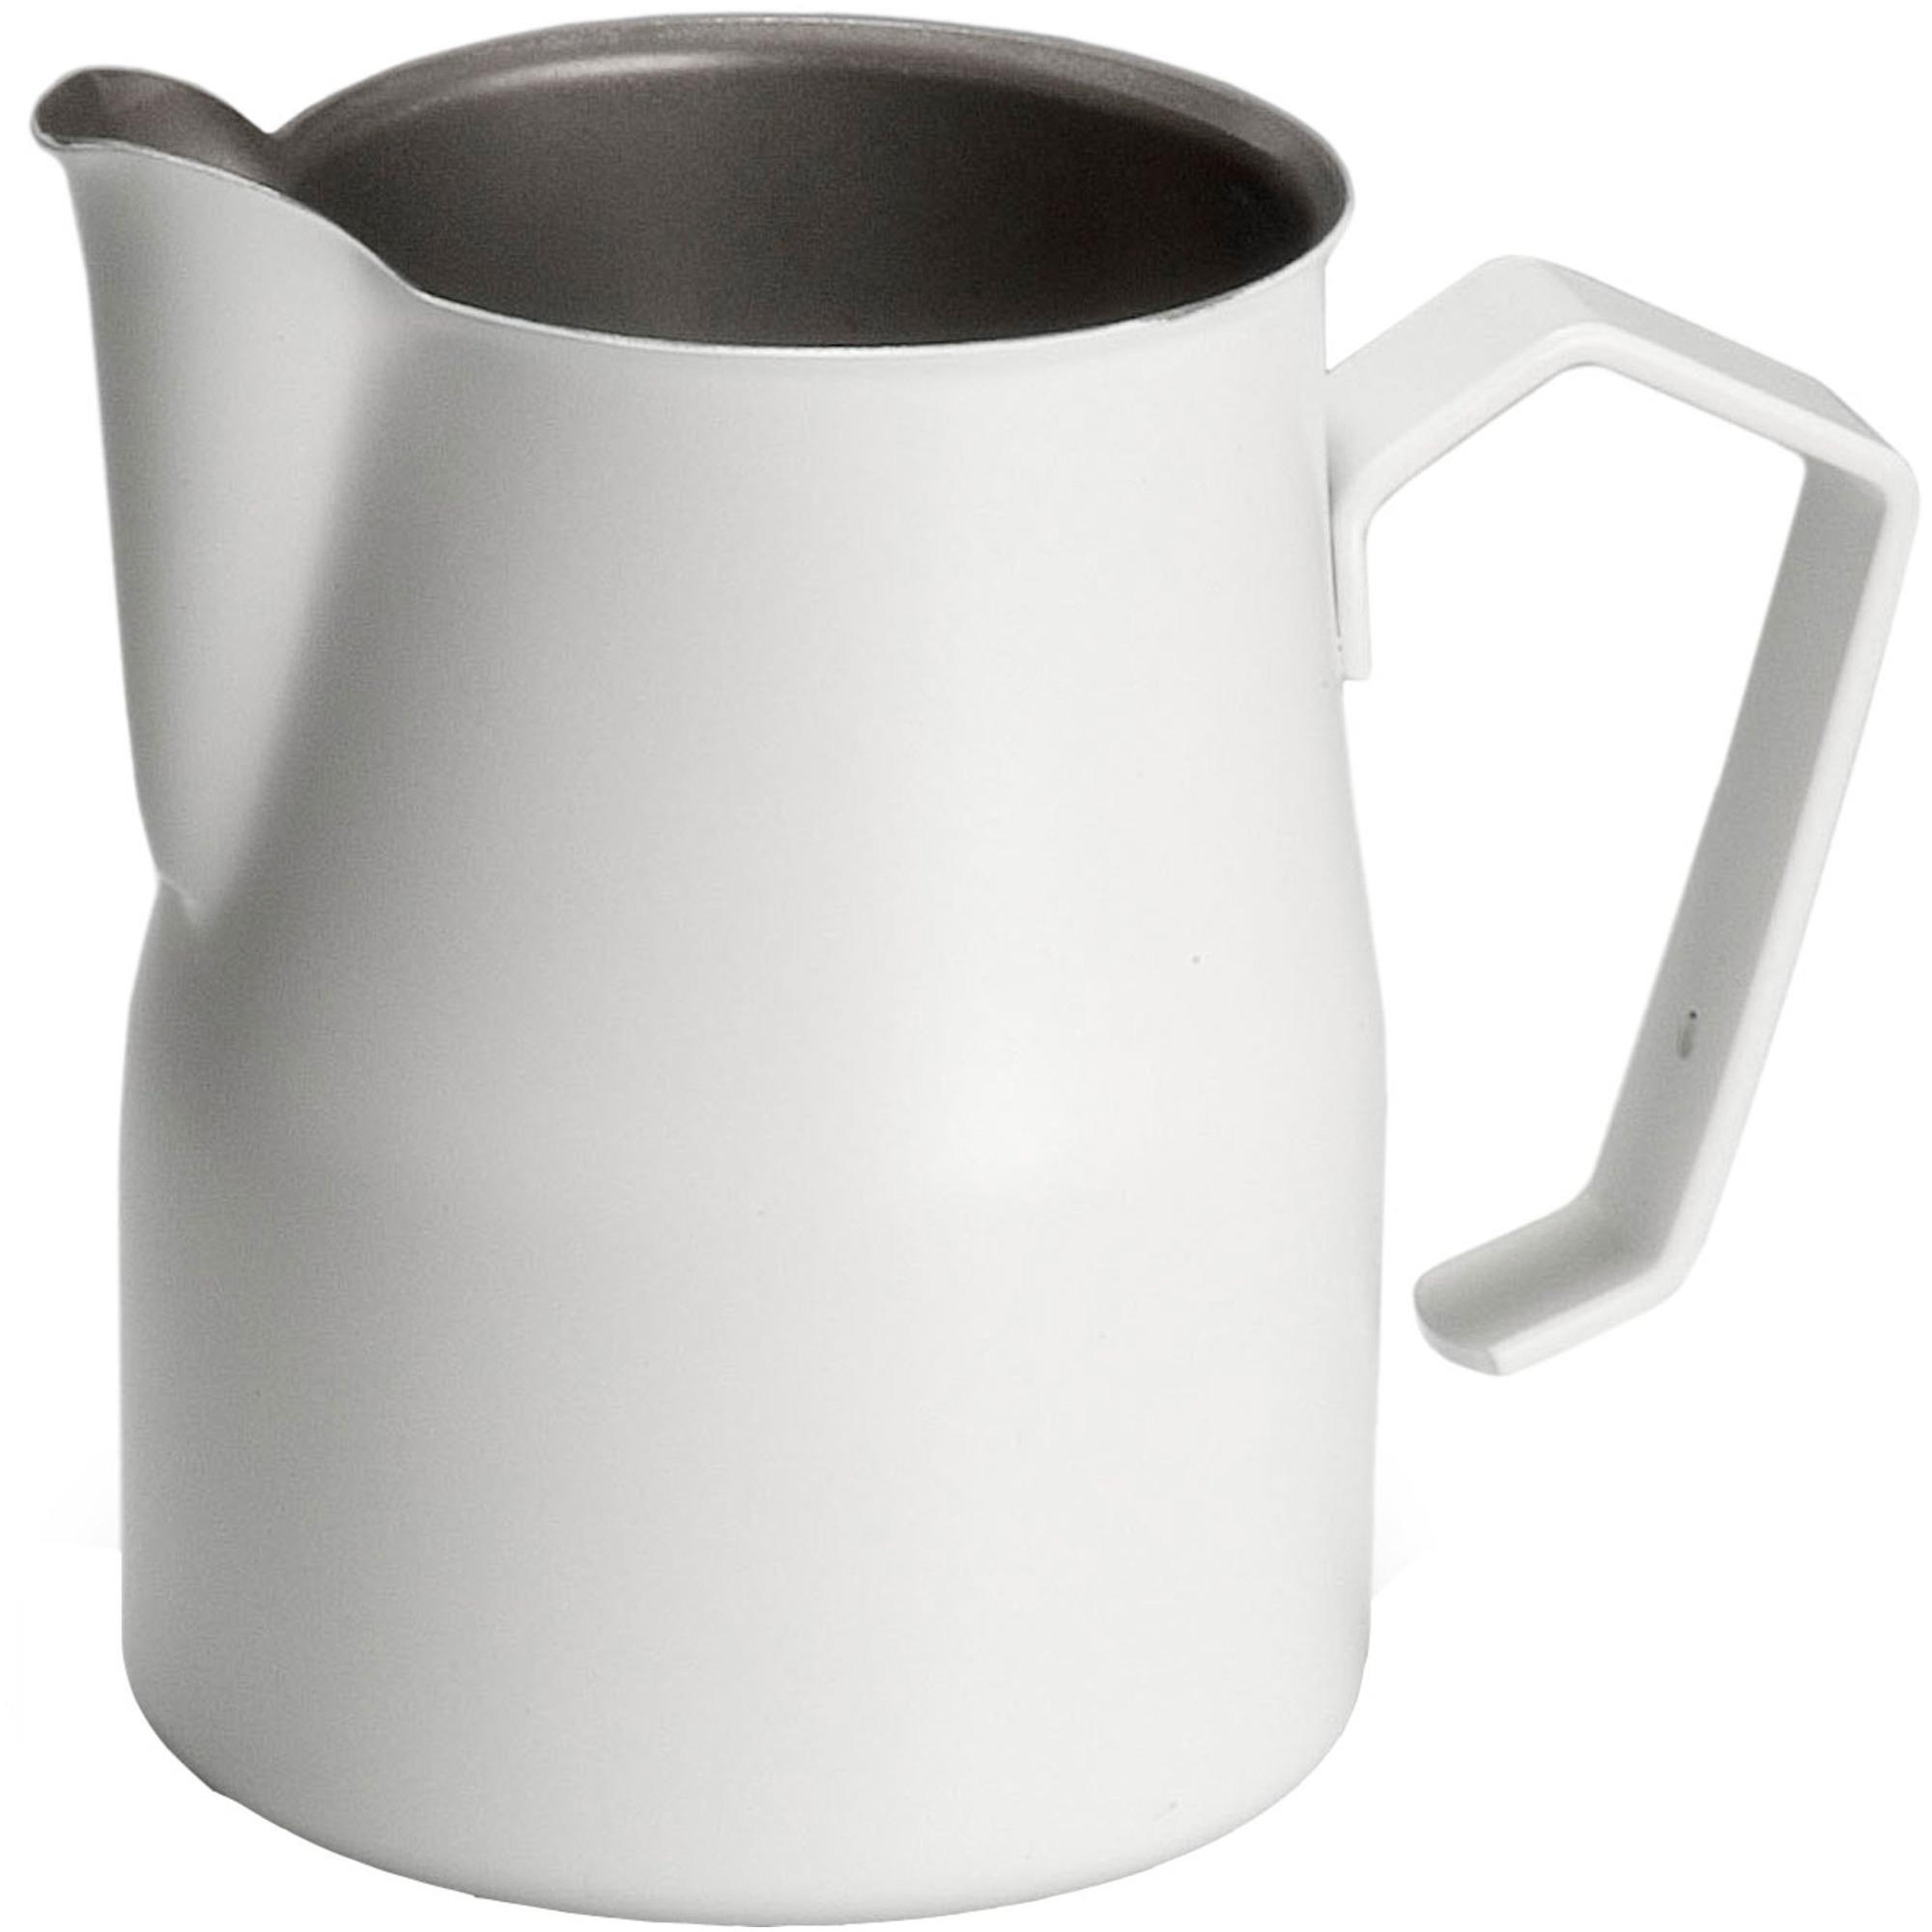 Motta Barista Mjölkkanna 05 L